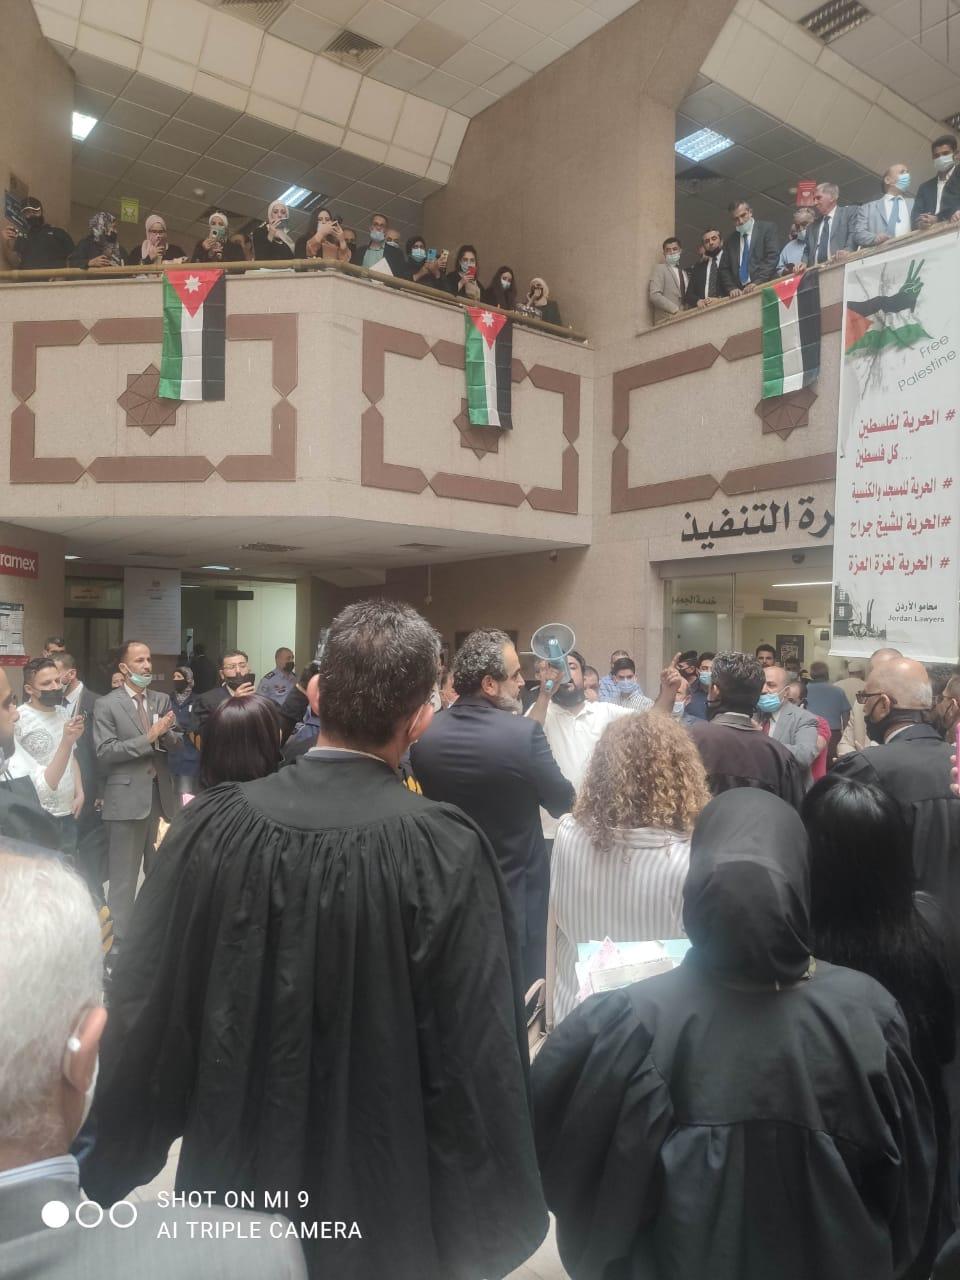 محامون يعتصمون في قصر العدل تنديدا بجرائم الاحتلال.. وارشيدات: الاجيال لا تنسى - صور